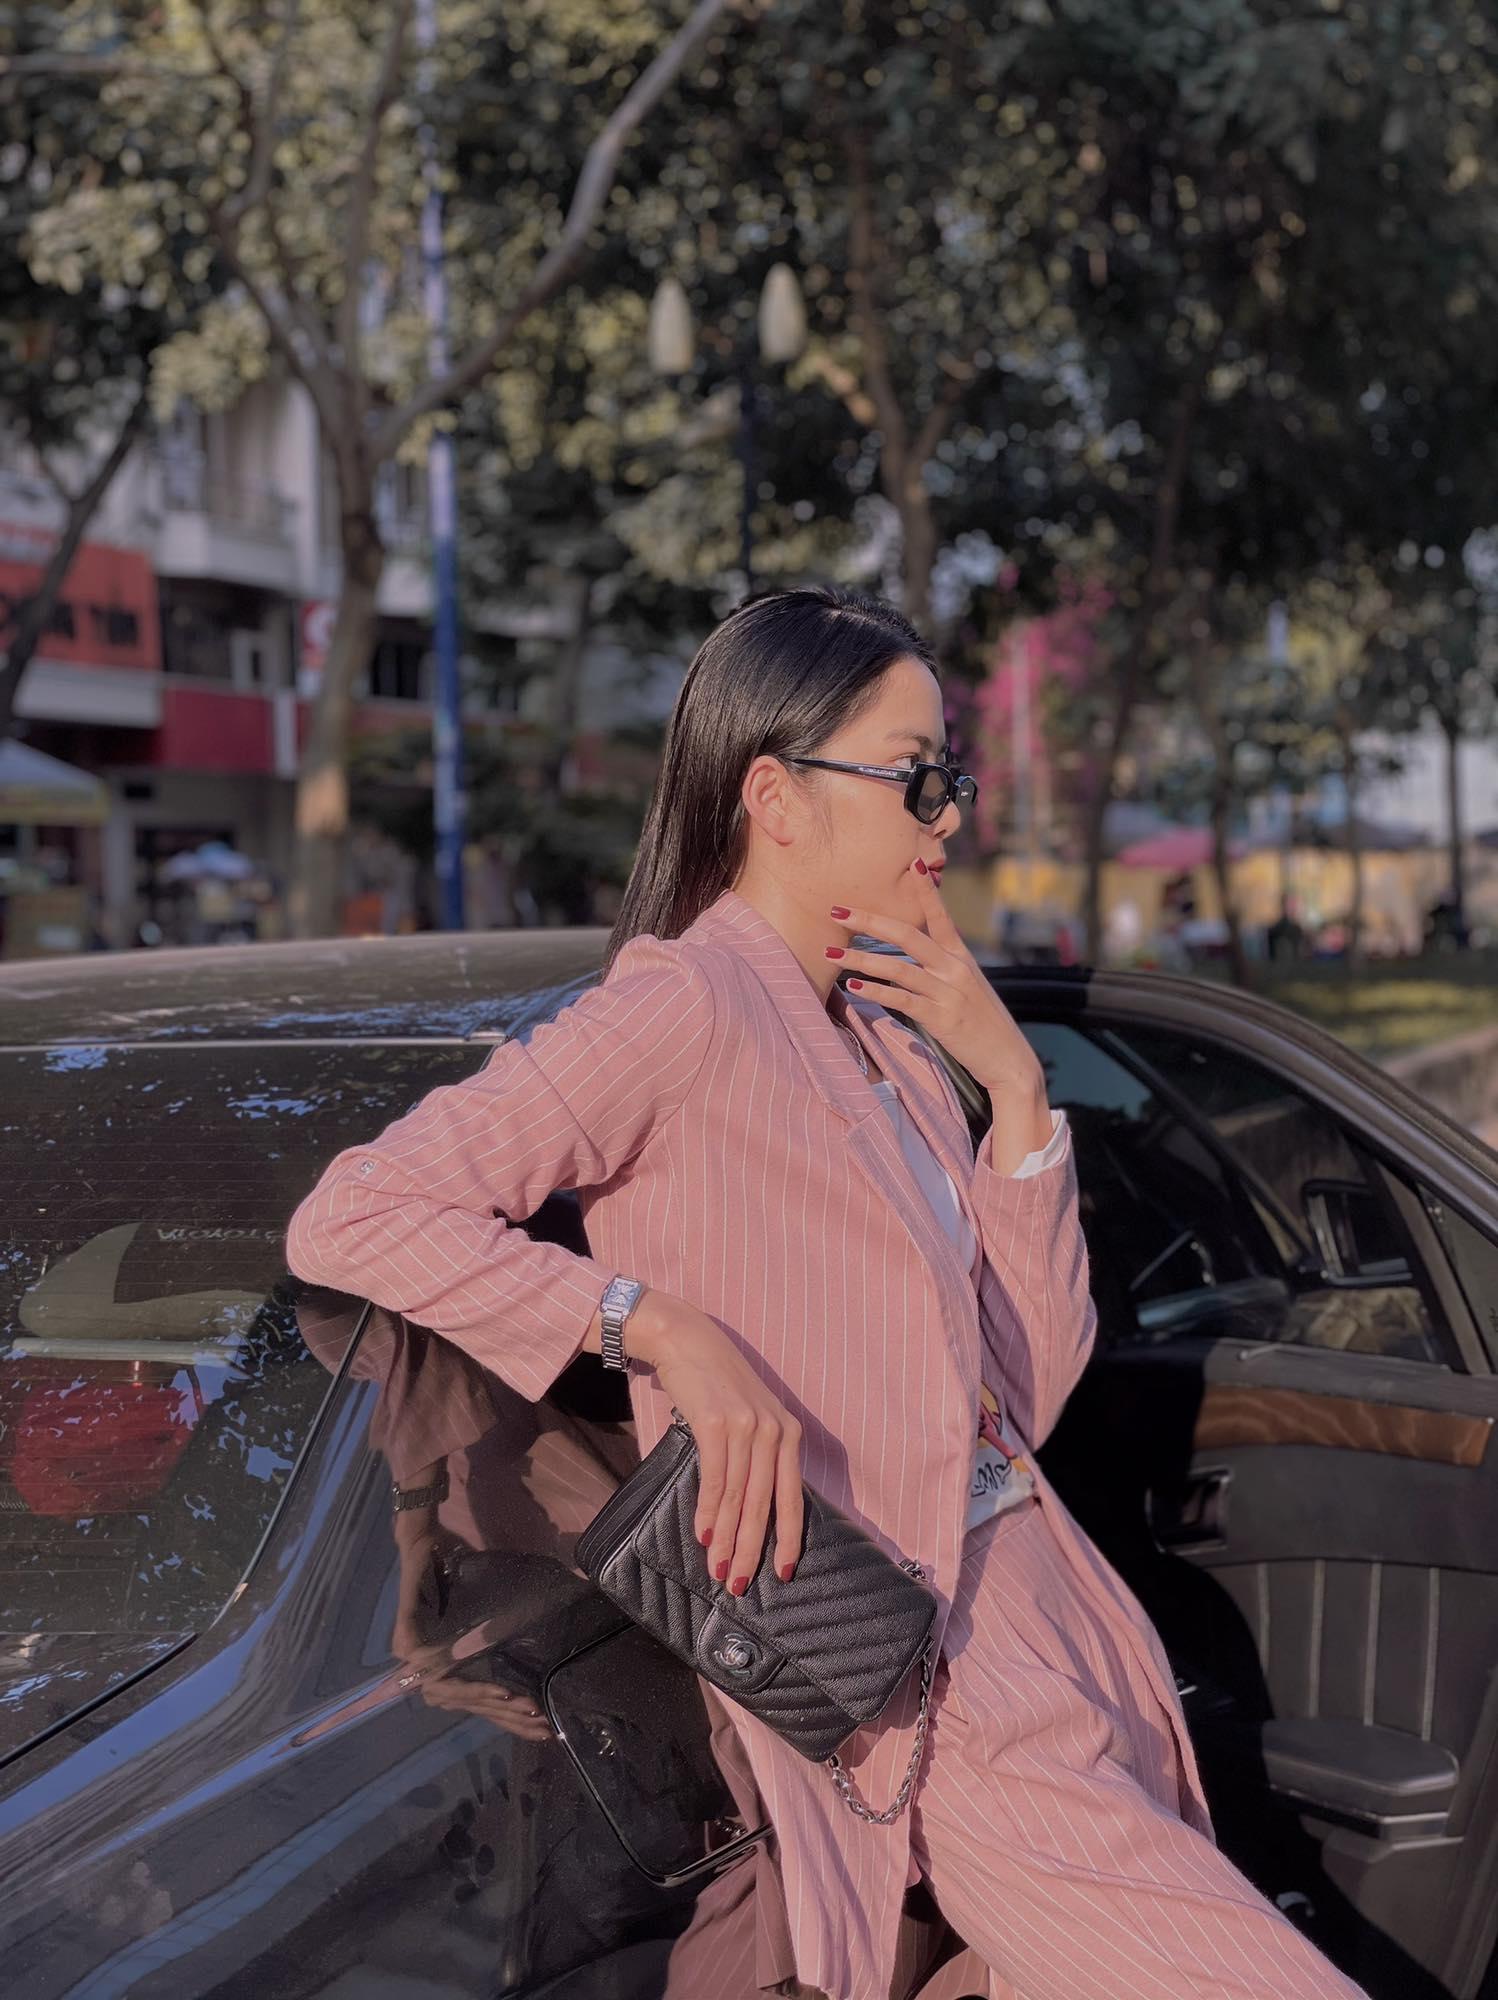 Chị em Nam Anh - Nam Em ngay càng chịu chi: Street style đơn giản mà bóc giá cả loạt đồ hiệu xa xỉ - Ảnh 5.